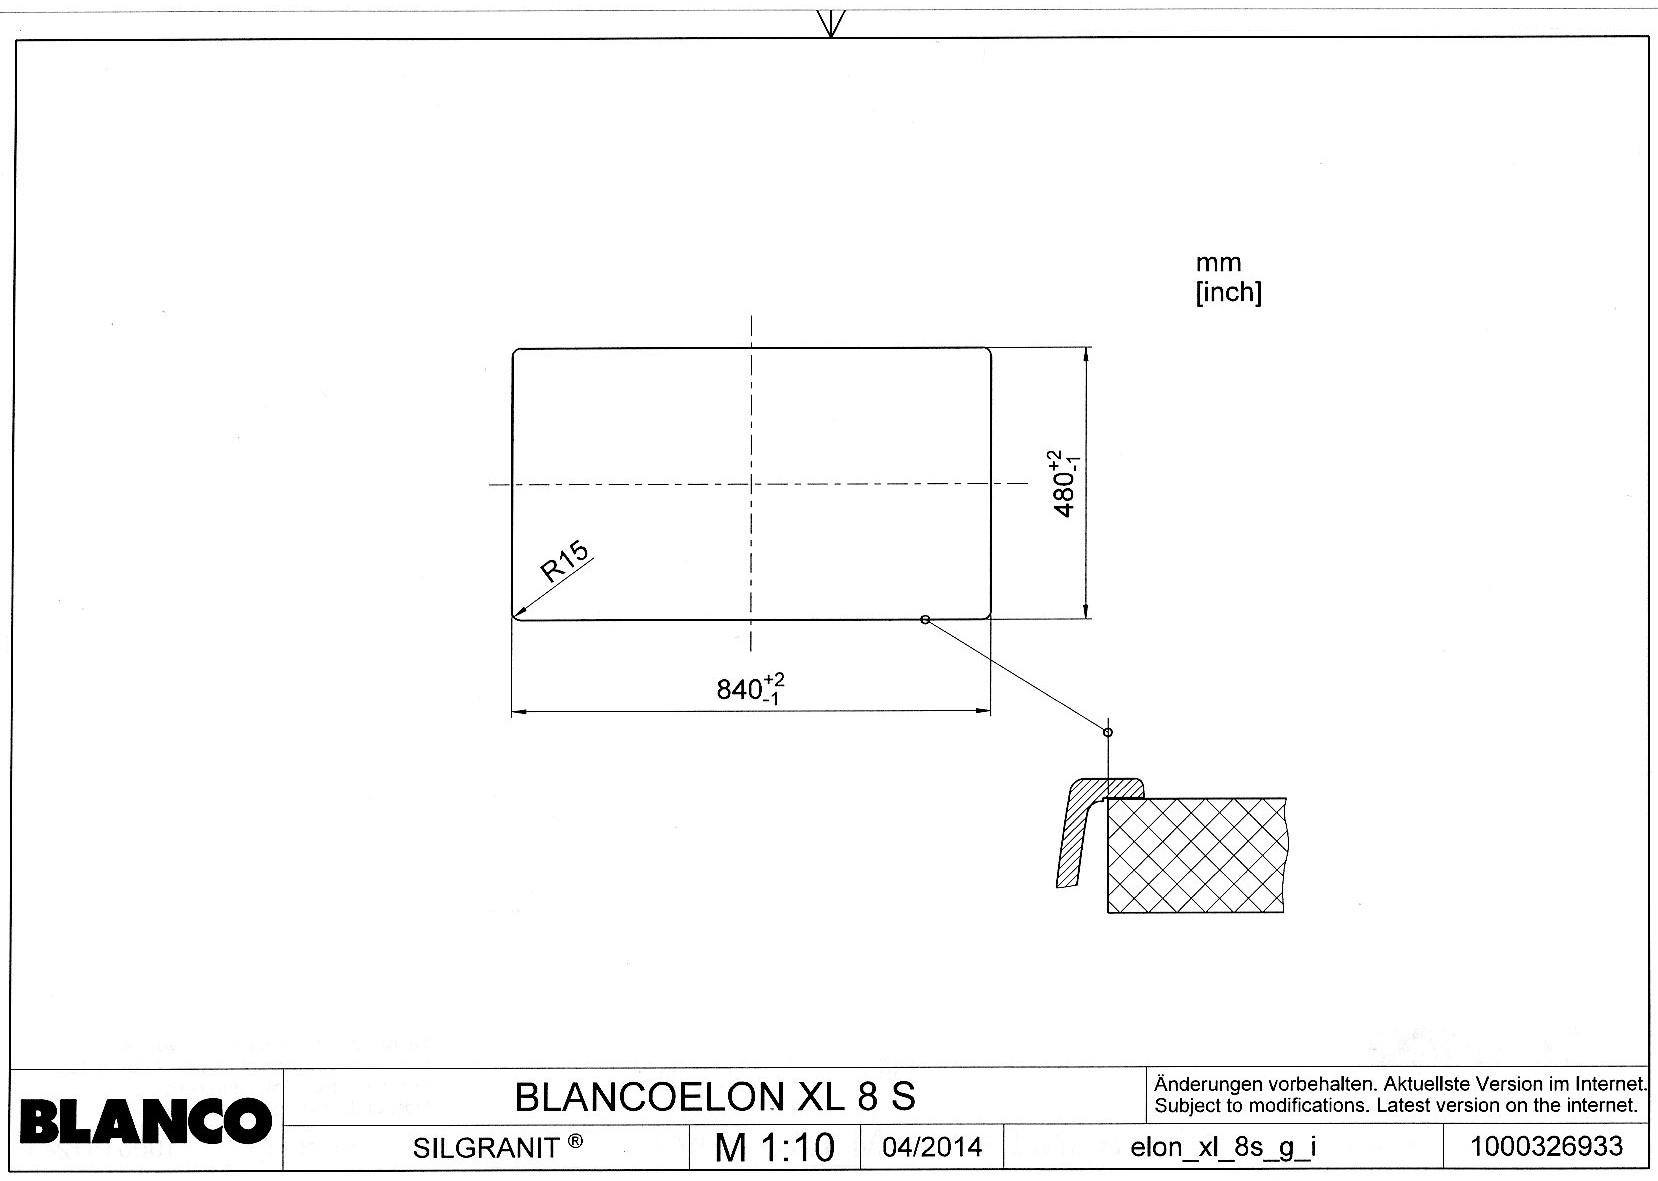 Шаблон выреза для мойки BLANCO ELON XL 8 S